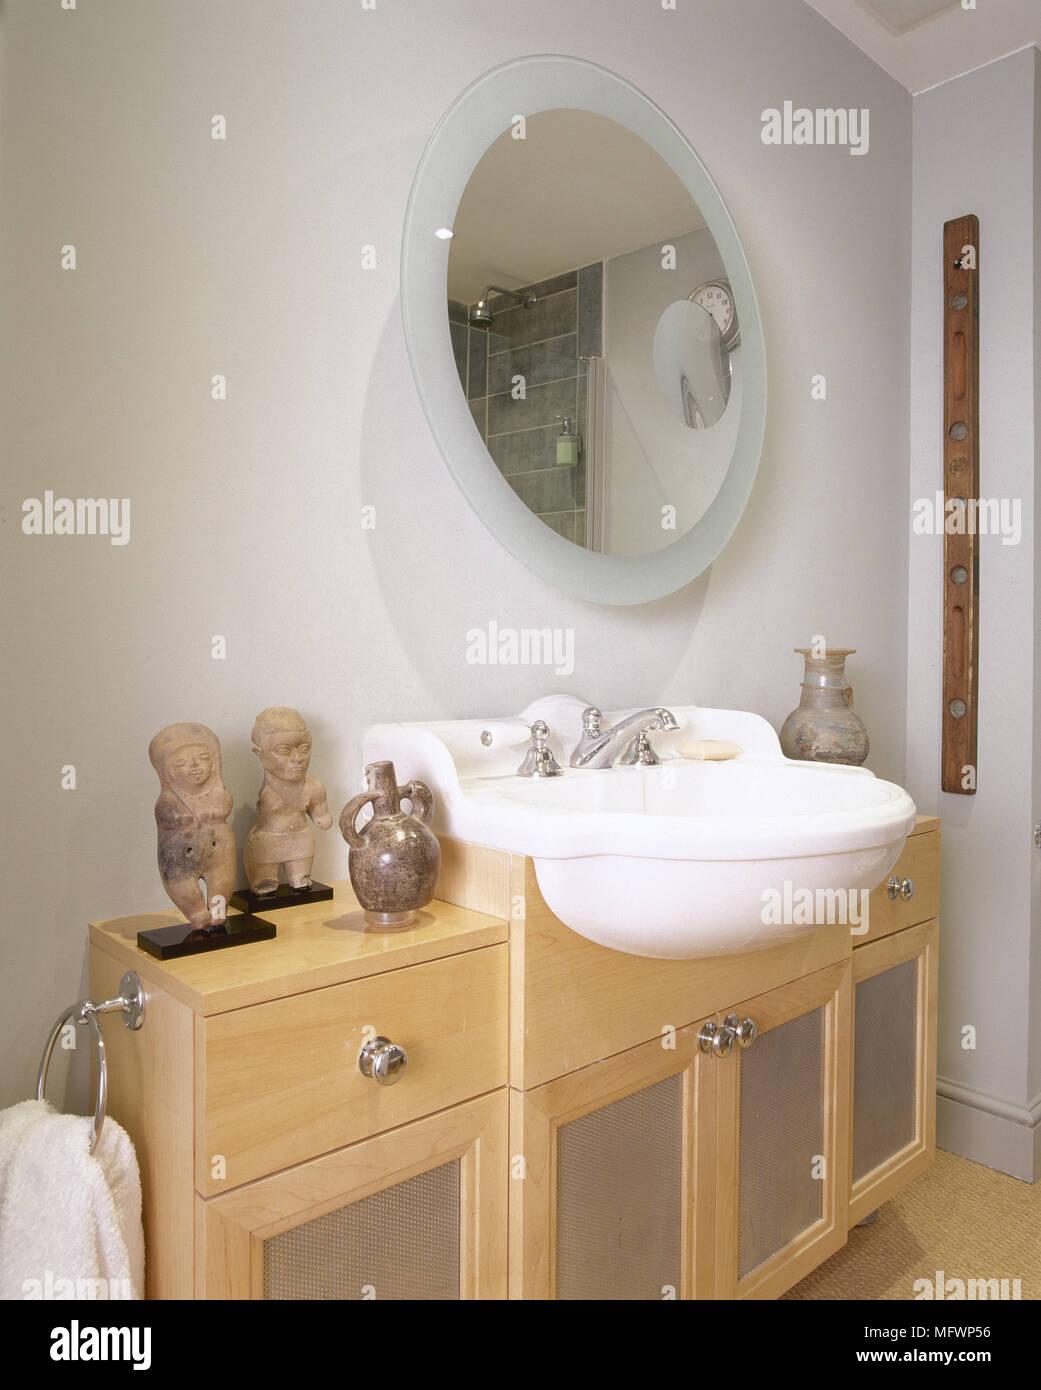 Modernes Badezimmer mit einem Waschbecken in einem Holzschrank ...